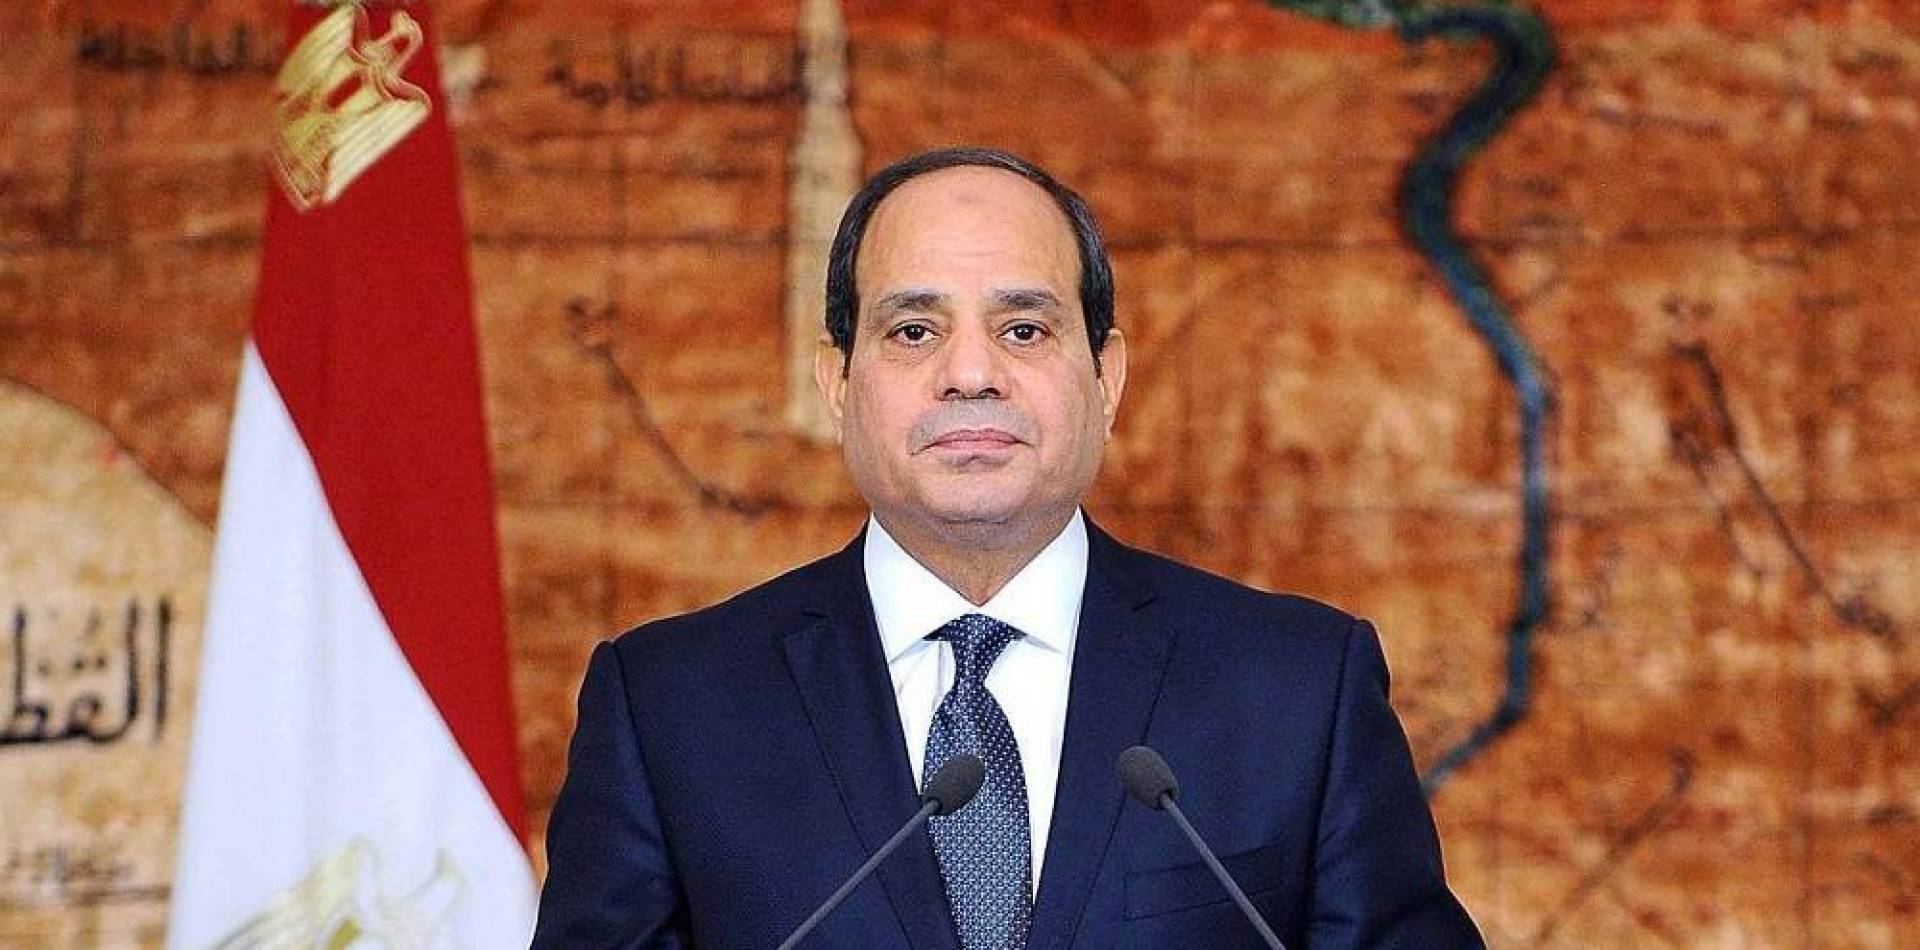 السيسي: لن نقف مكتوفي الأيدي في مواجهة أي تهديد للأمن المصري والليبي